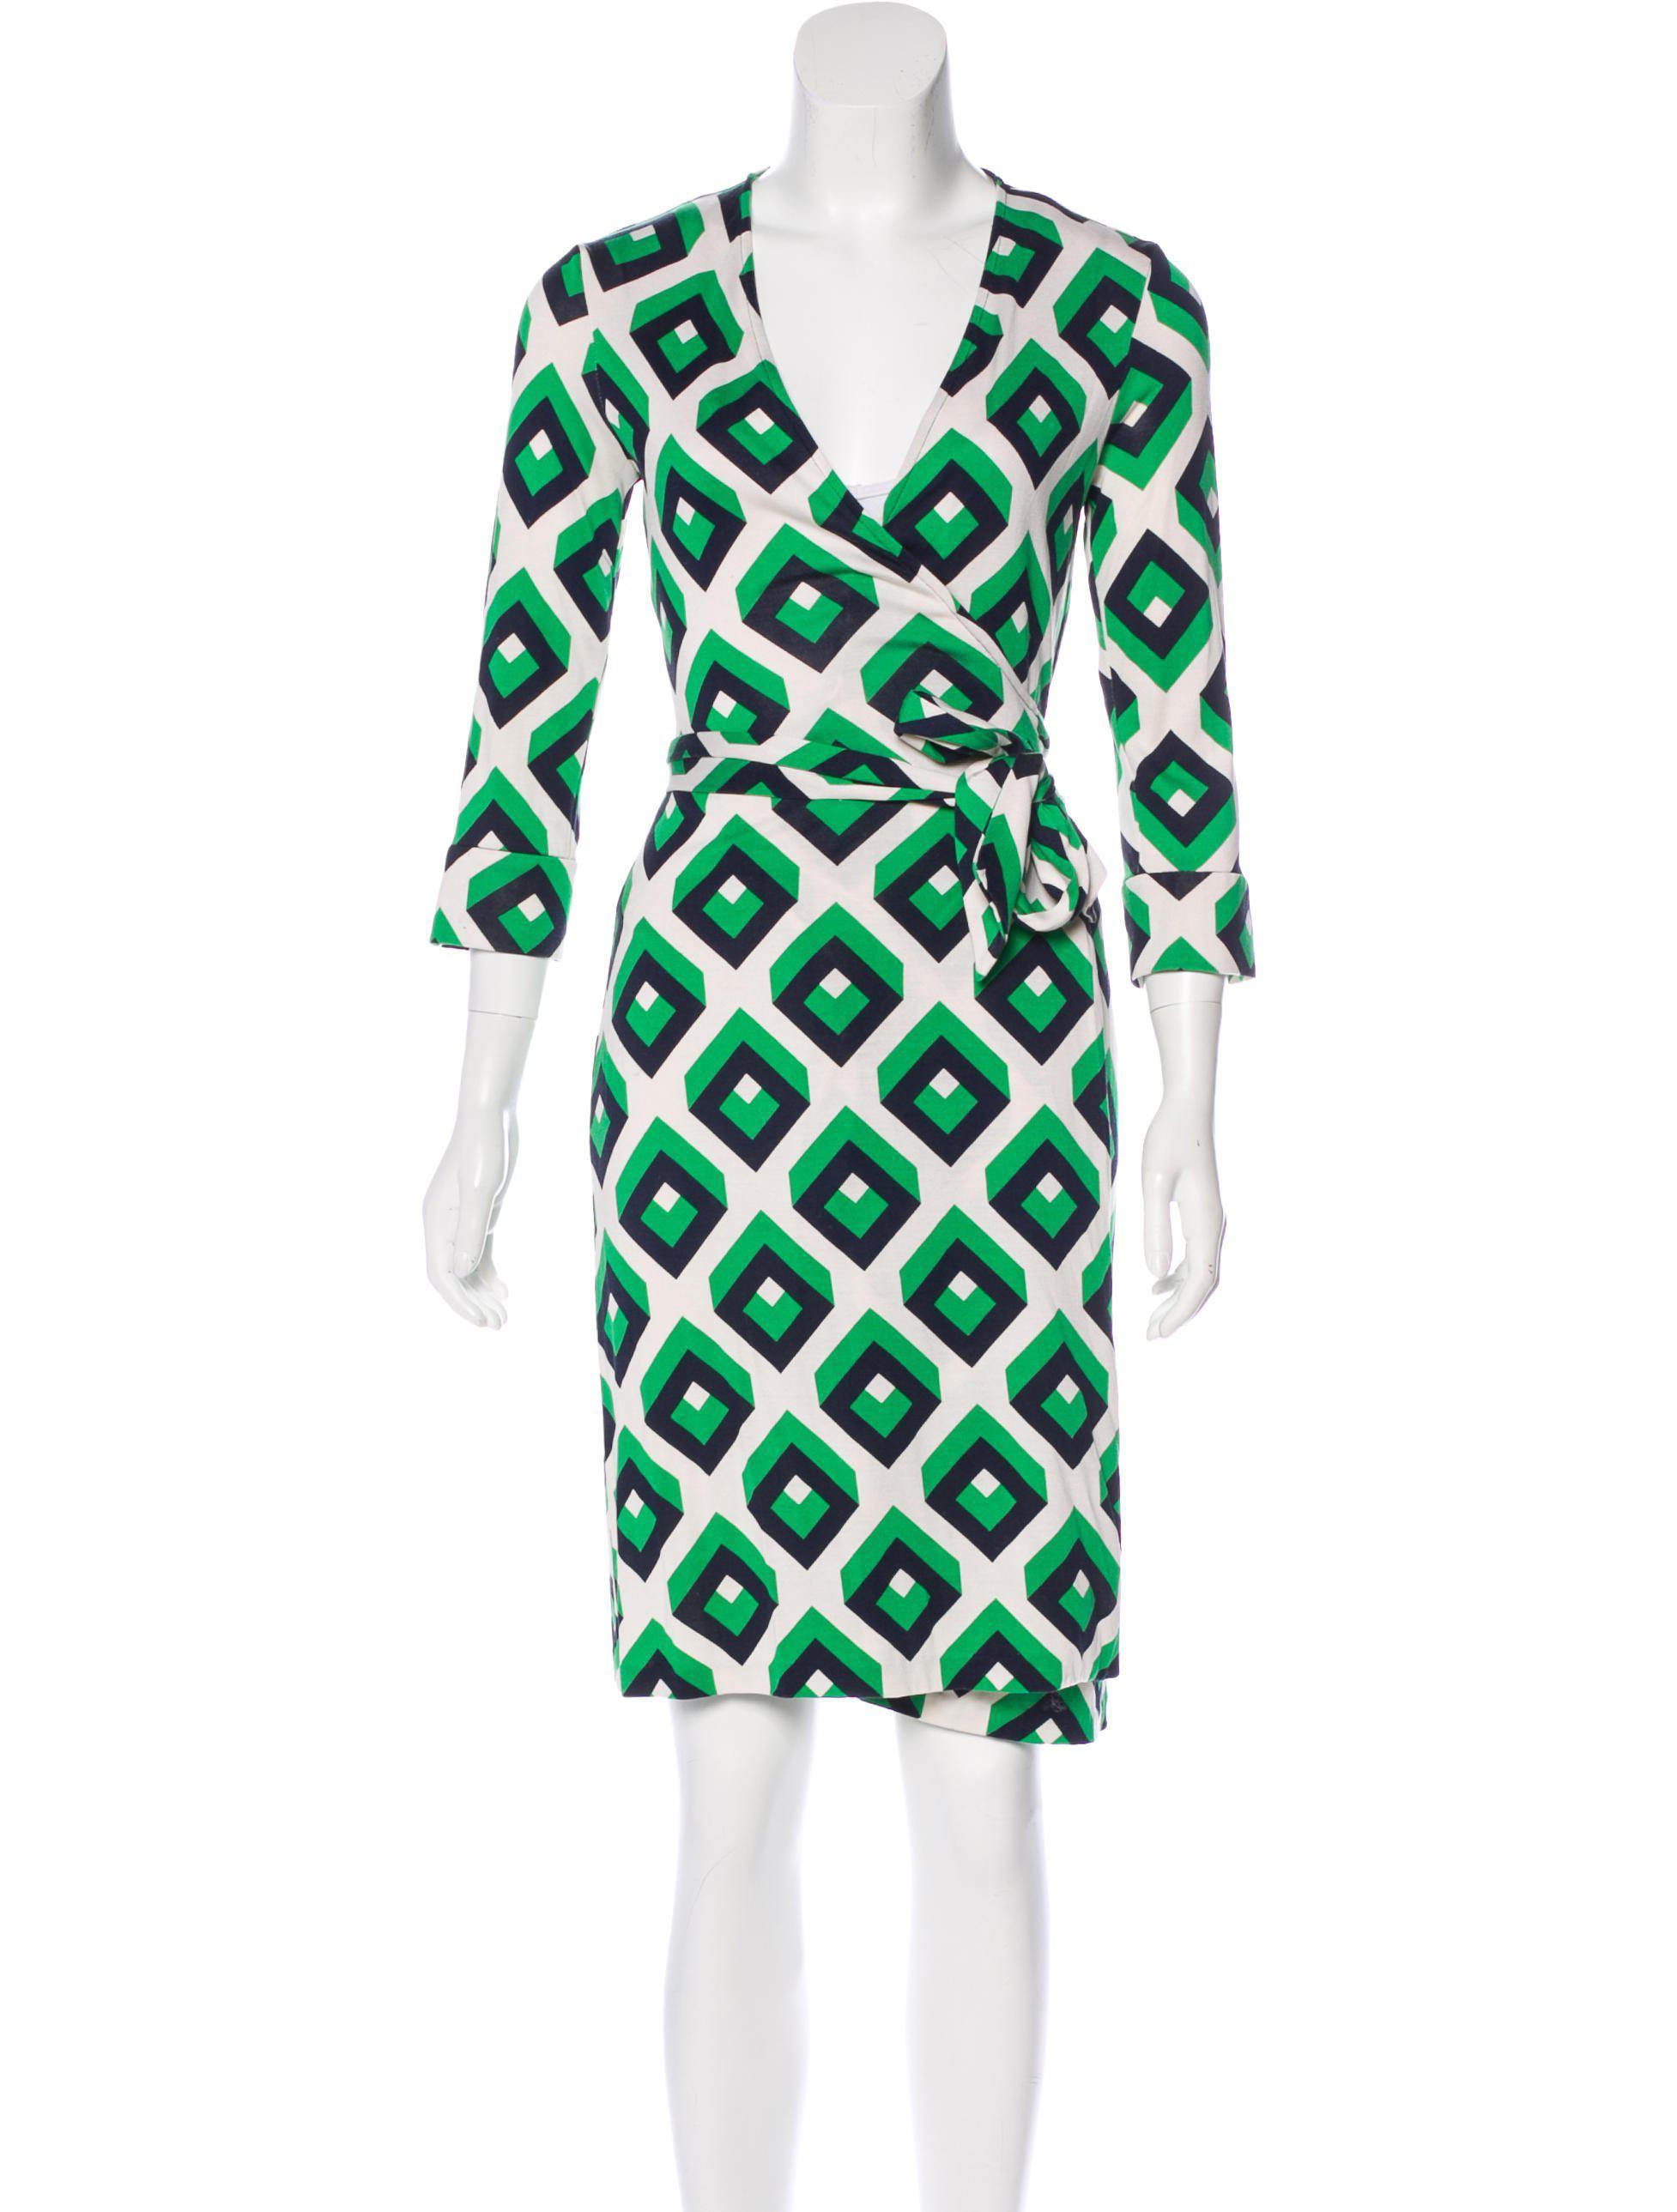 817186efebf8 Lyst - Diane Von Furstenberg Julian Wrap Dress in Green